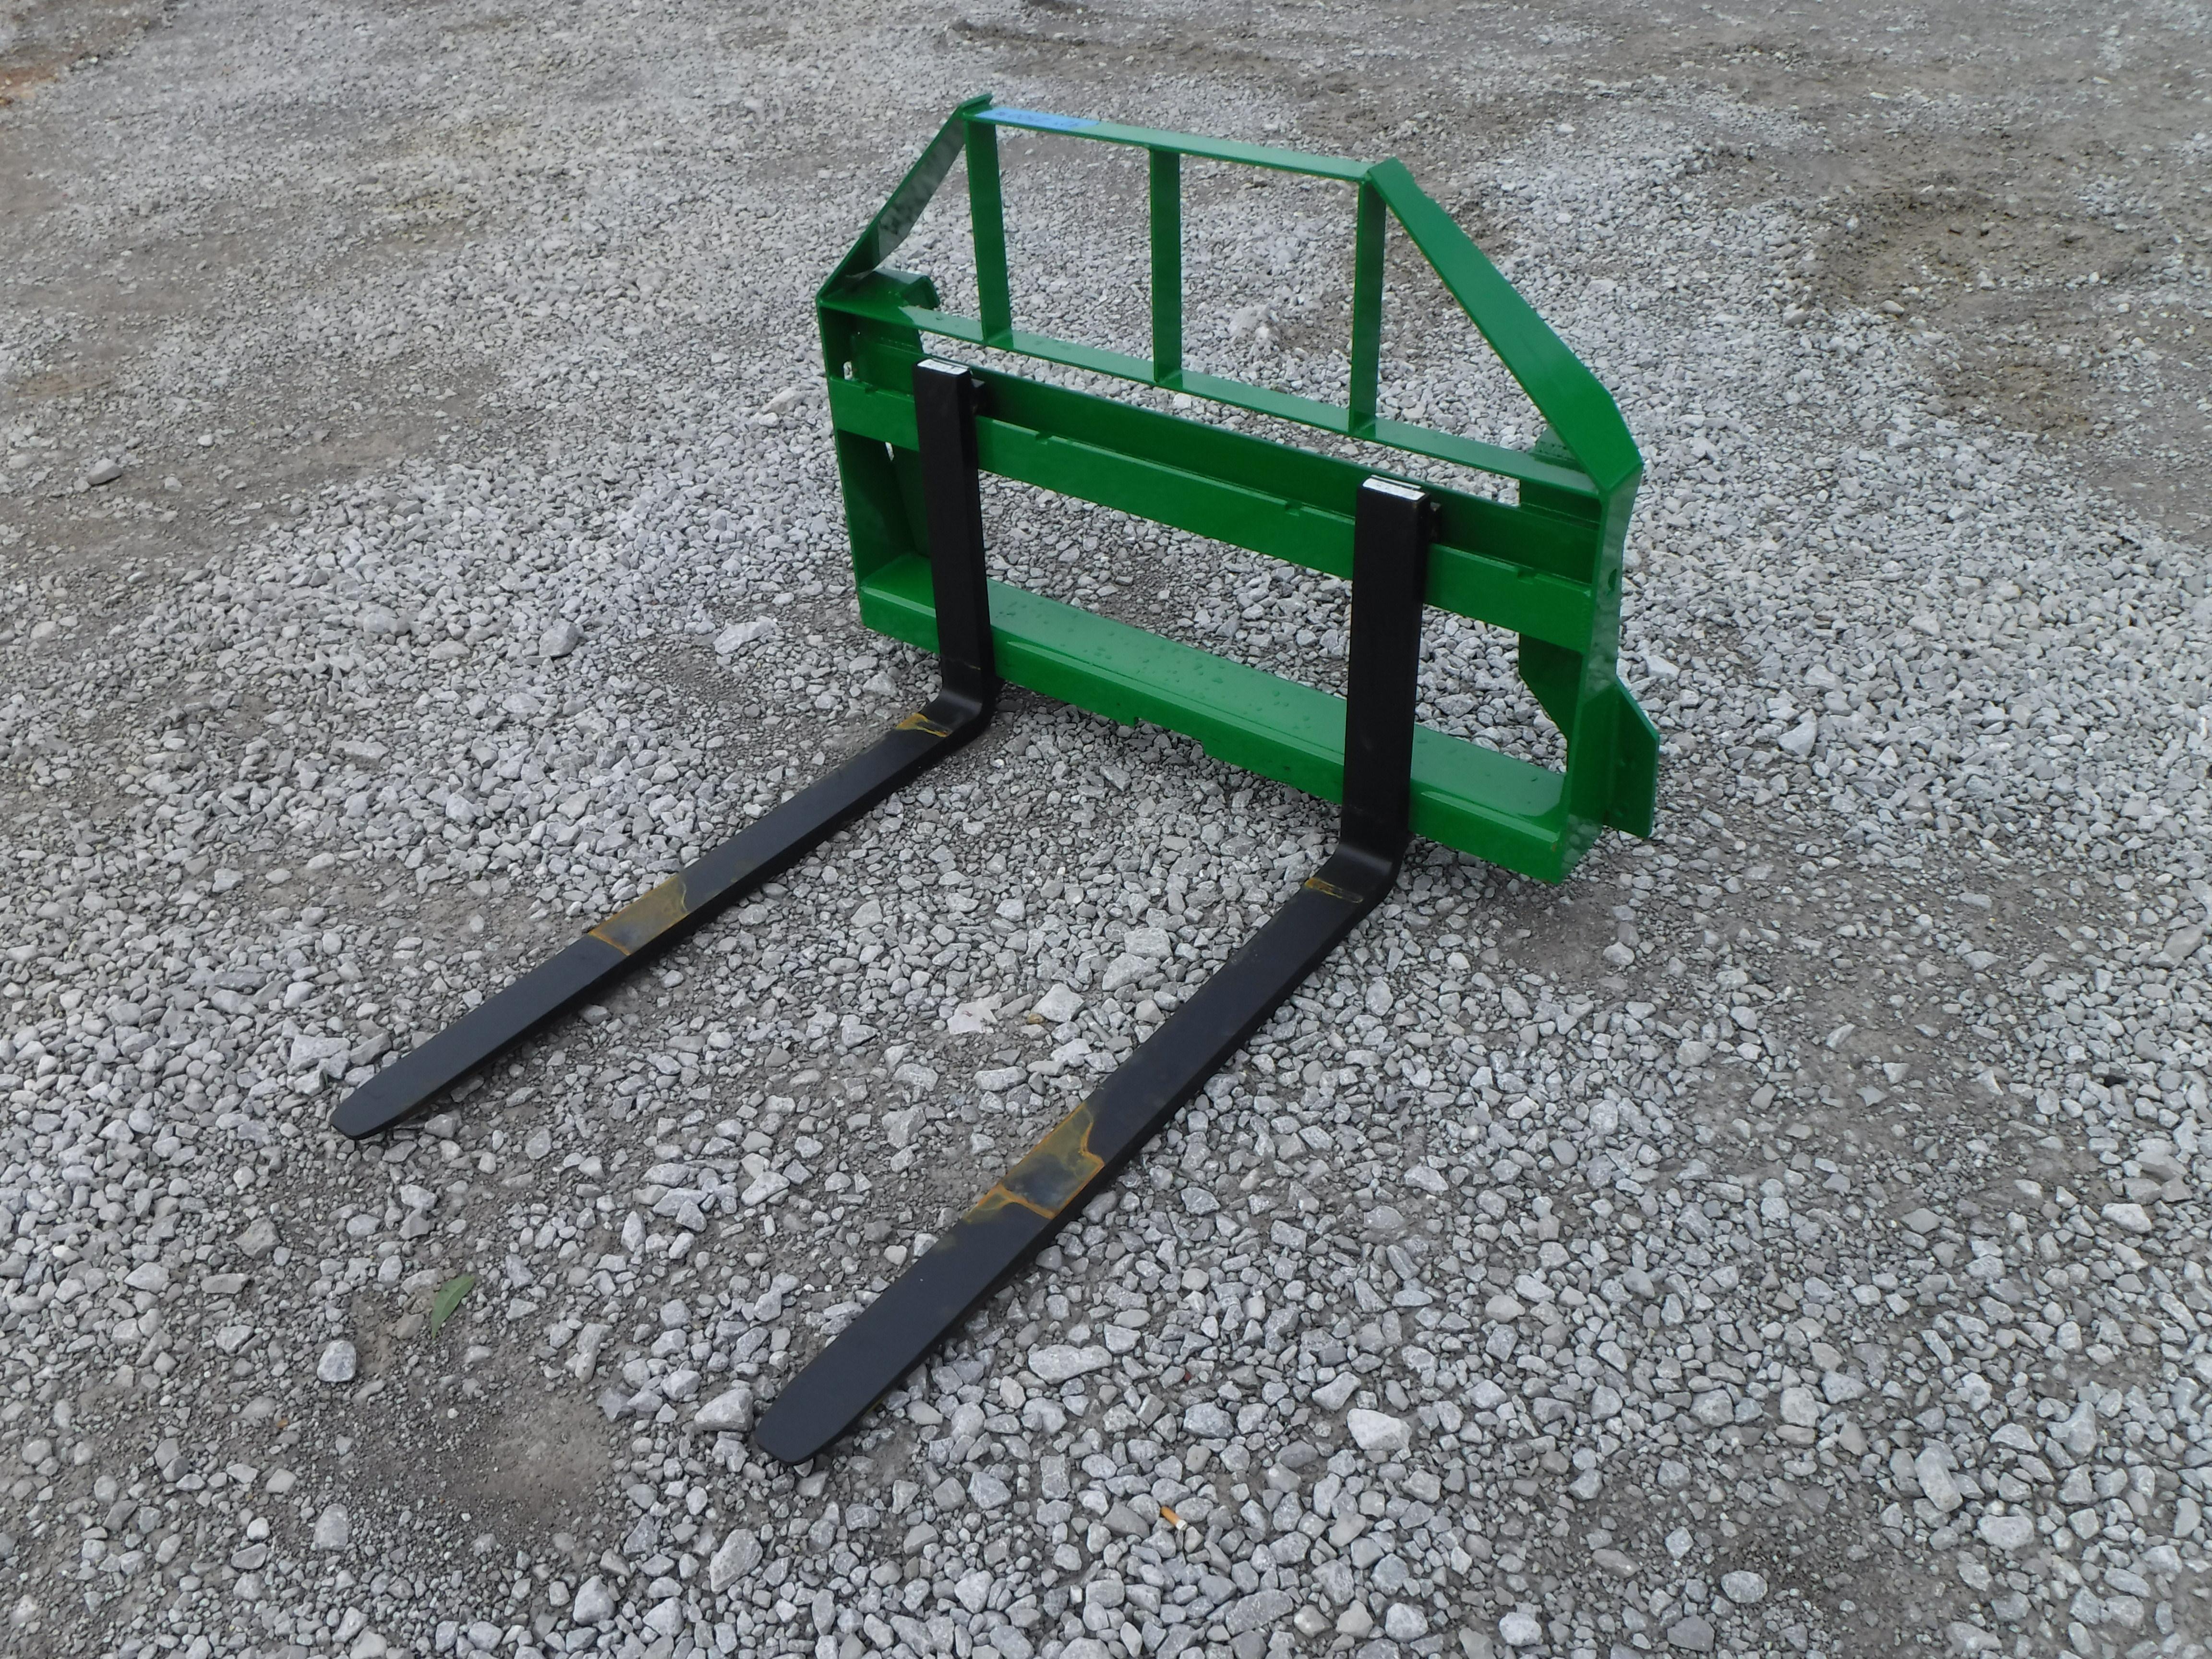 John Deere Tractor Loader Attachment - Light Duty 42